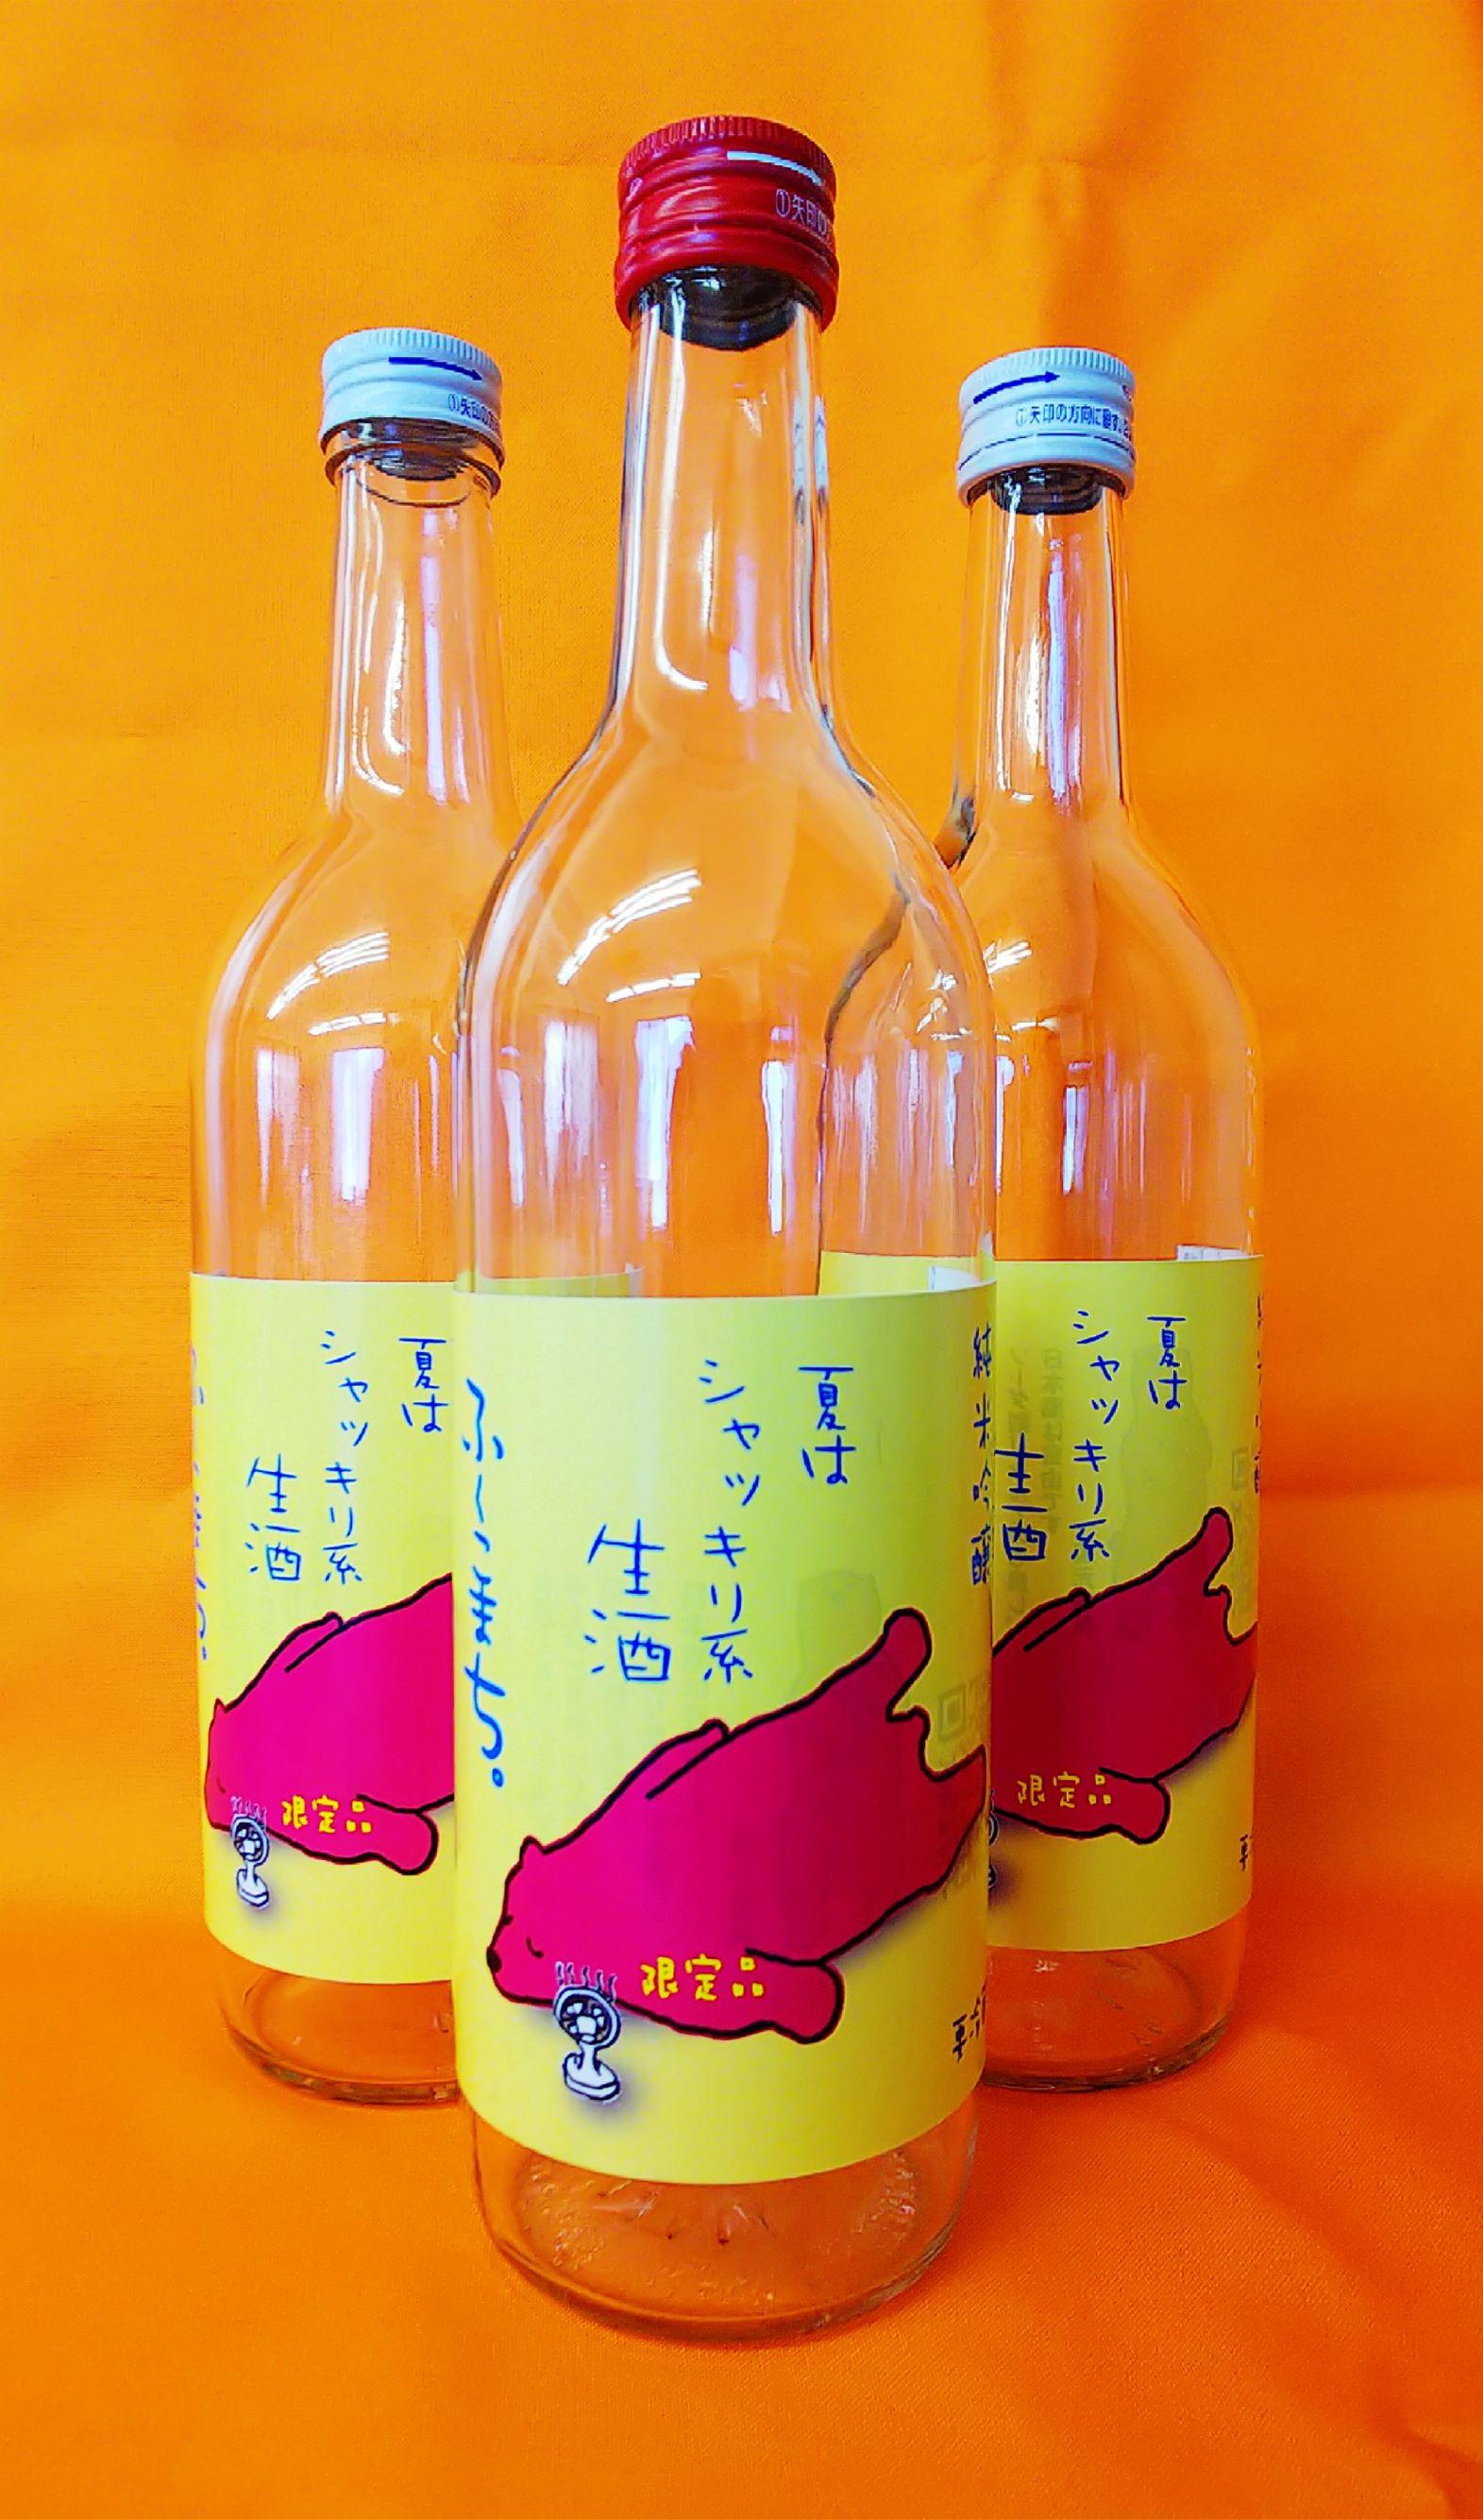 【大人気企画!】純米吟醸 夏はシャッキリ系 生酒 ふくこまち (720ml)